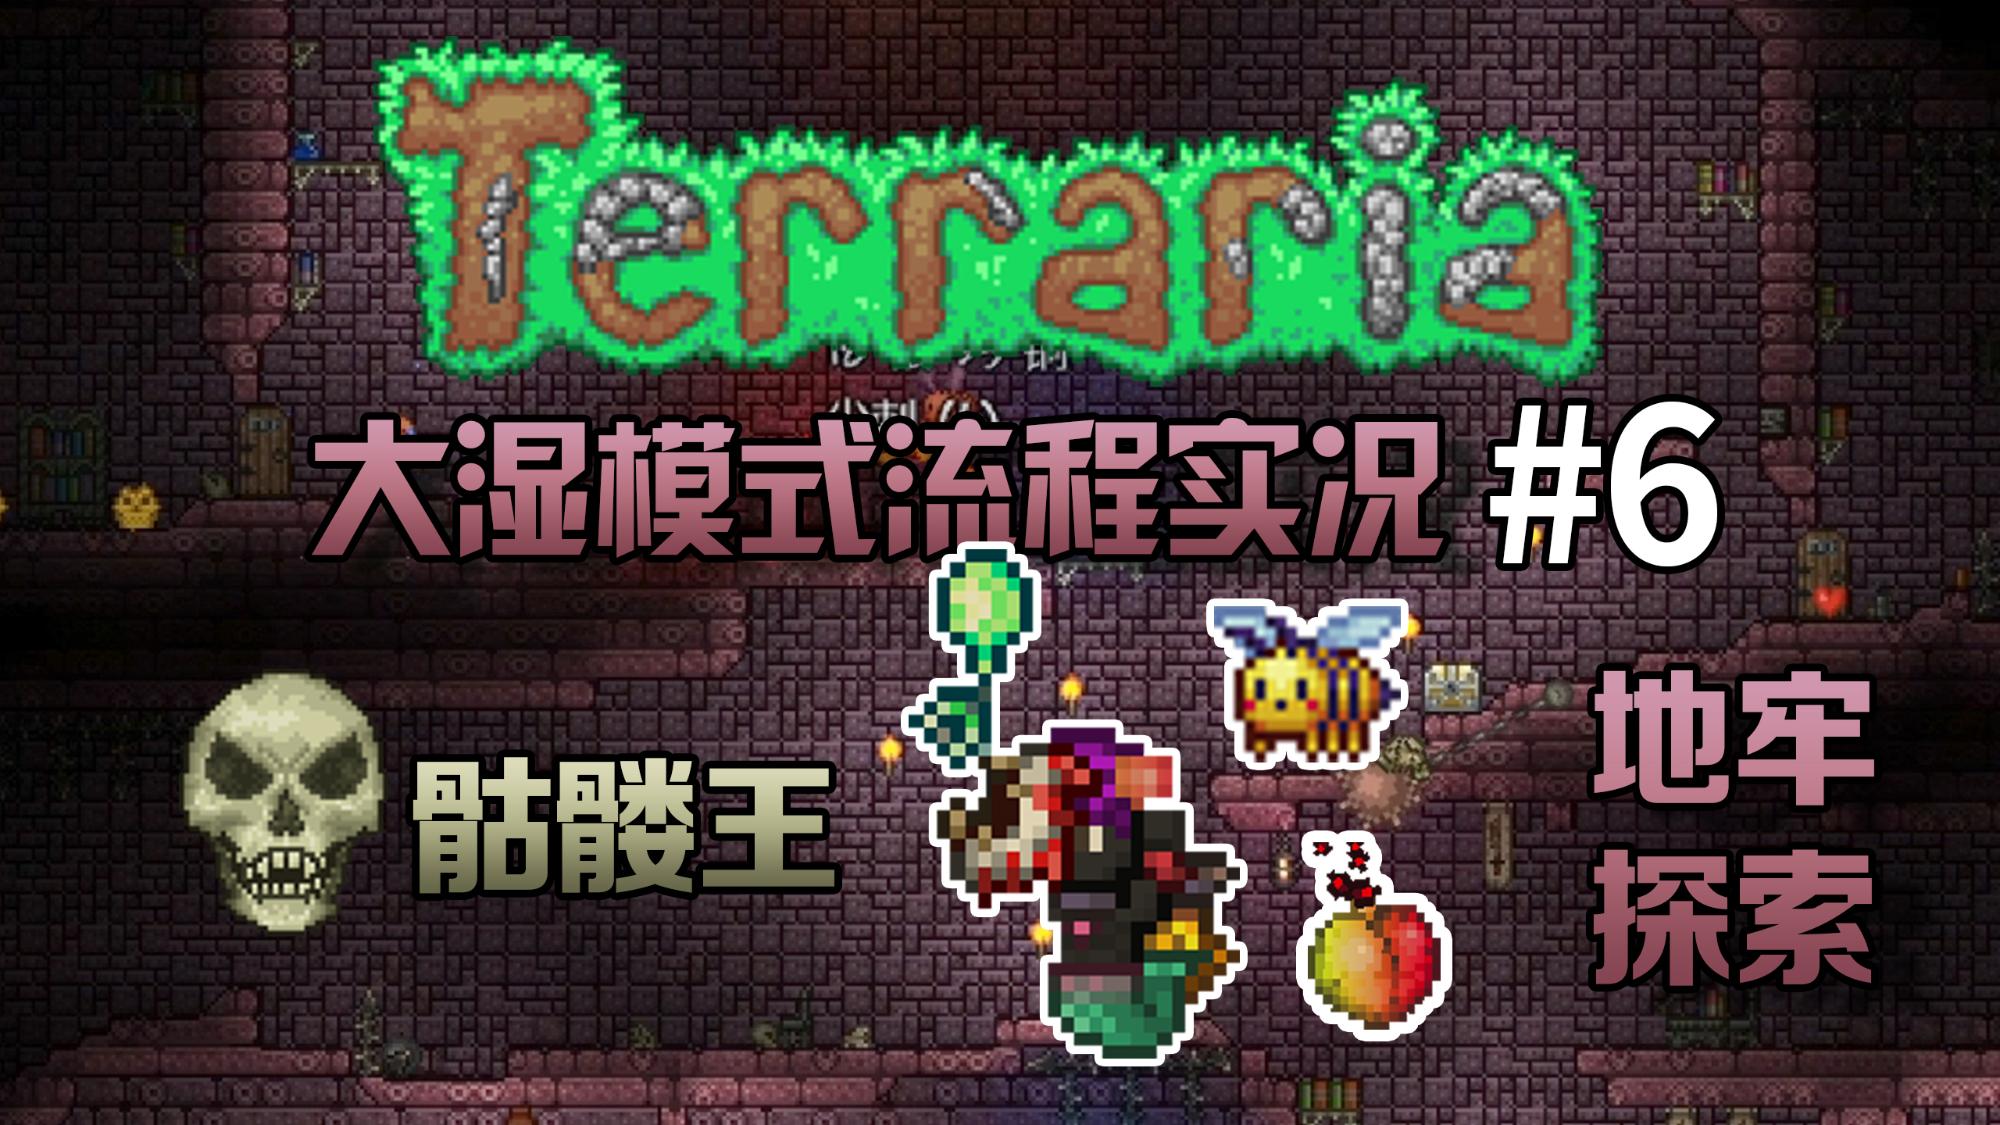 【丁菊长】骷髅王!探索地牢~!【泰拉瑞亚 terraria】1.4大师模式流程实况解说第6期